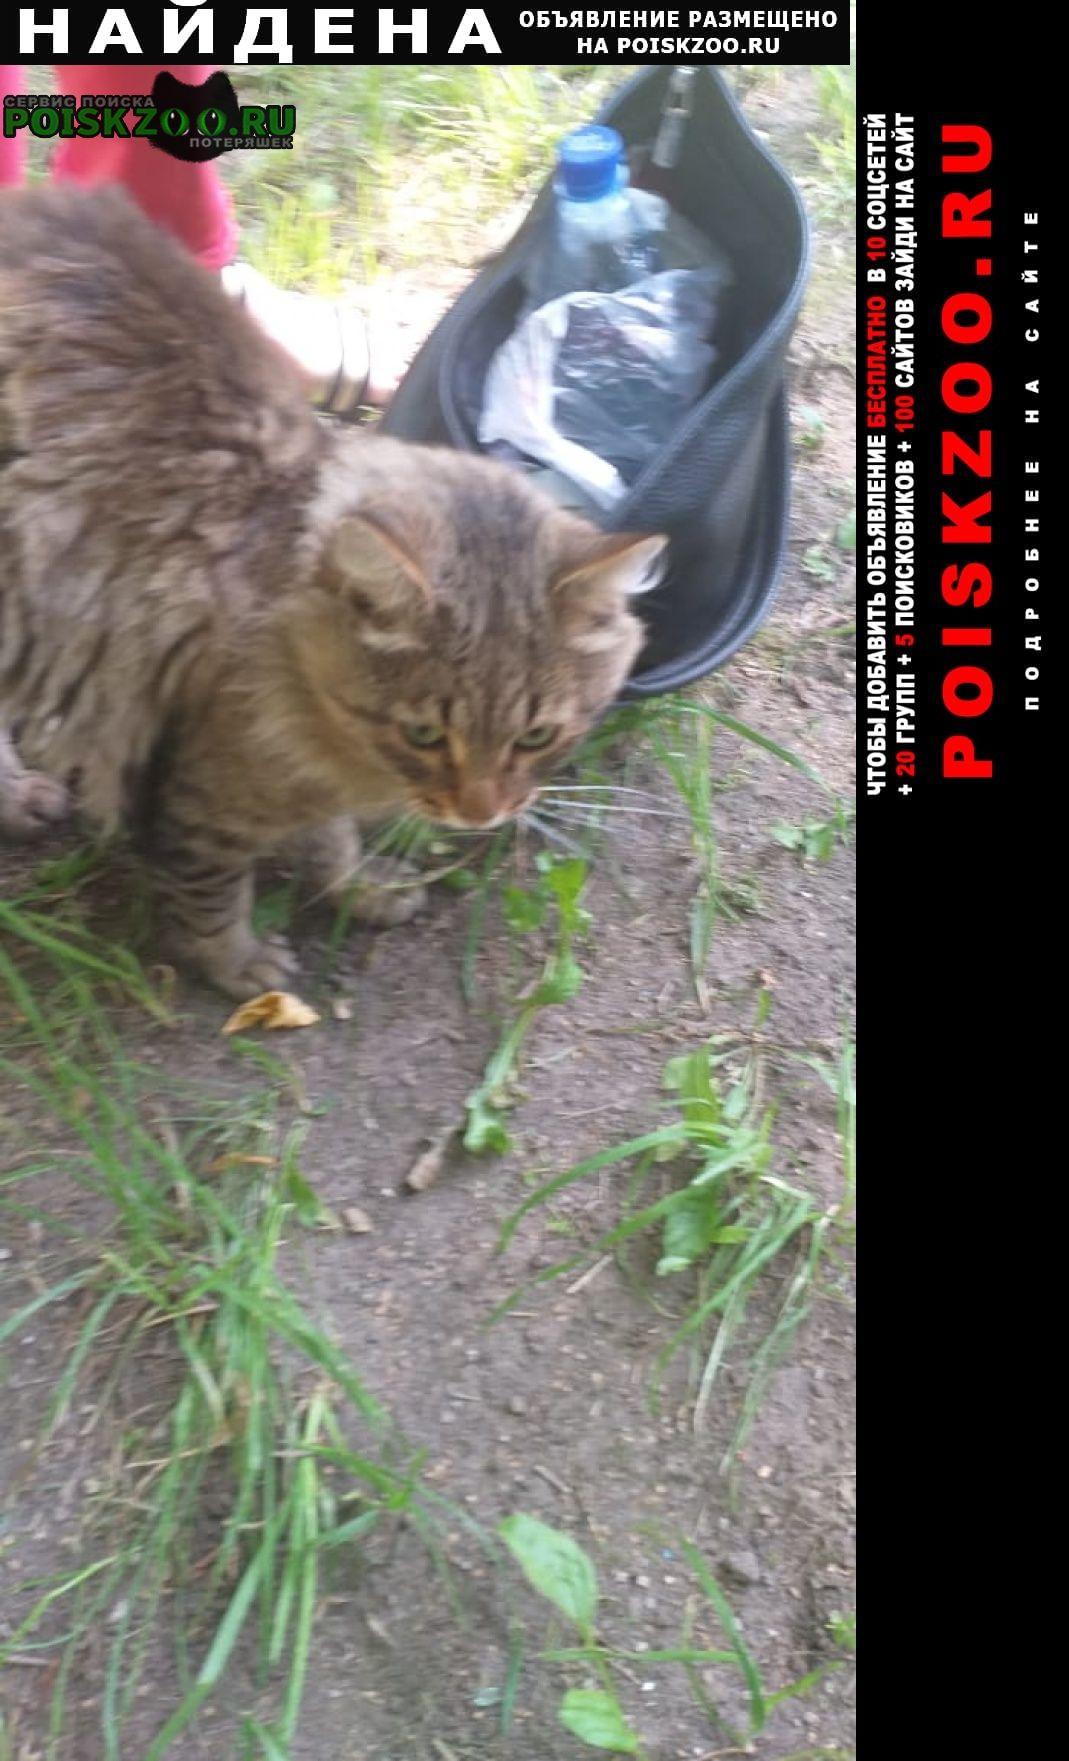 Найдена кошка кот серого цвета, пушистый Москва